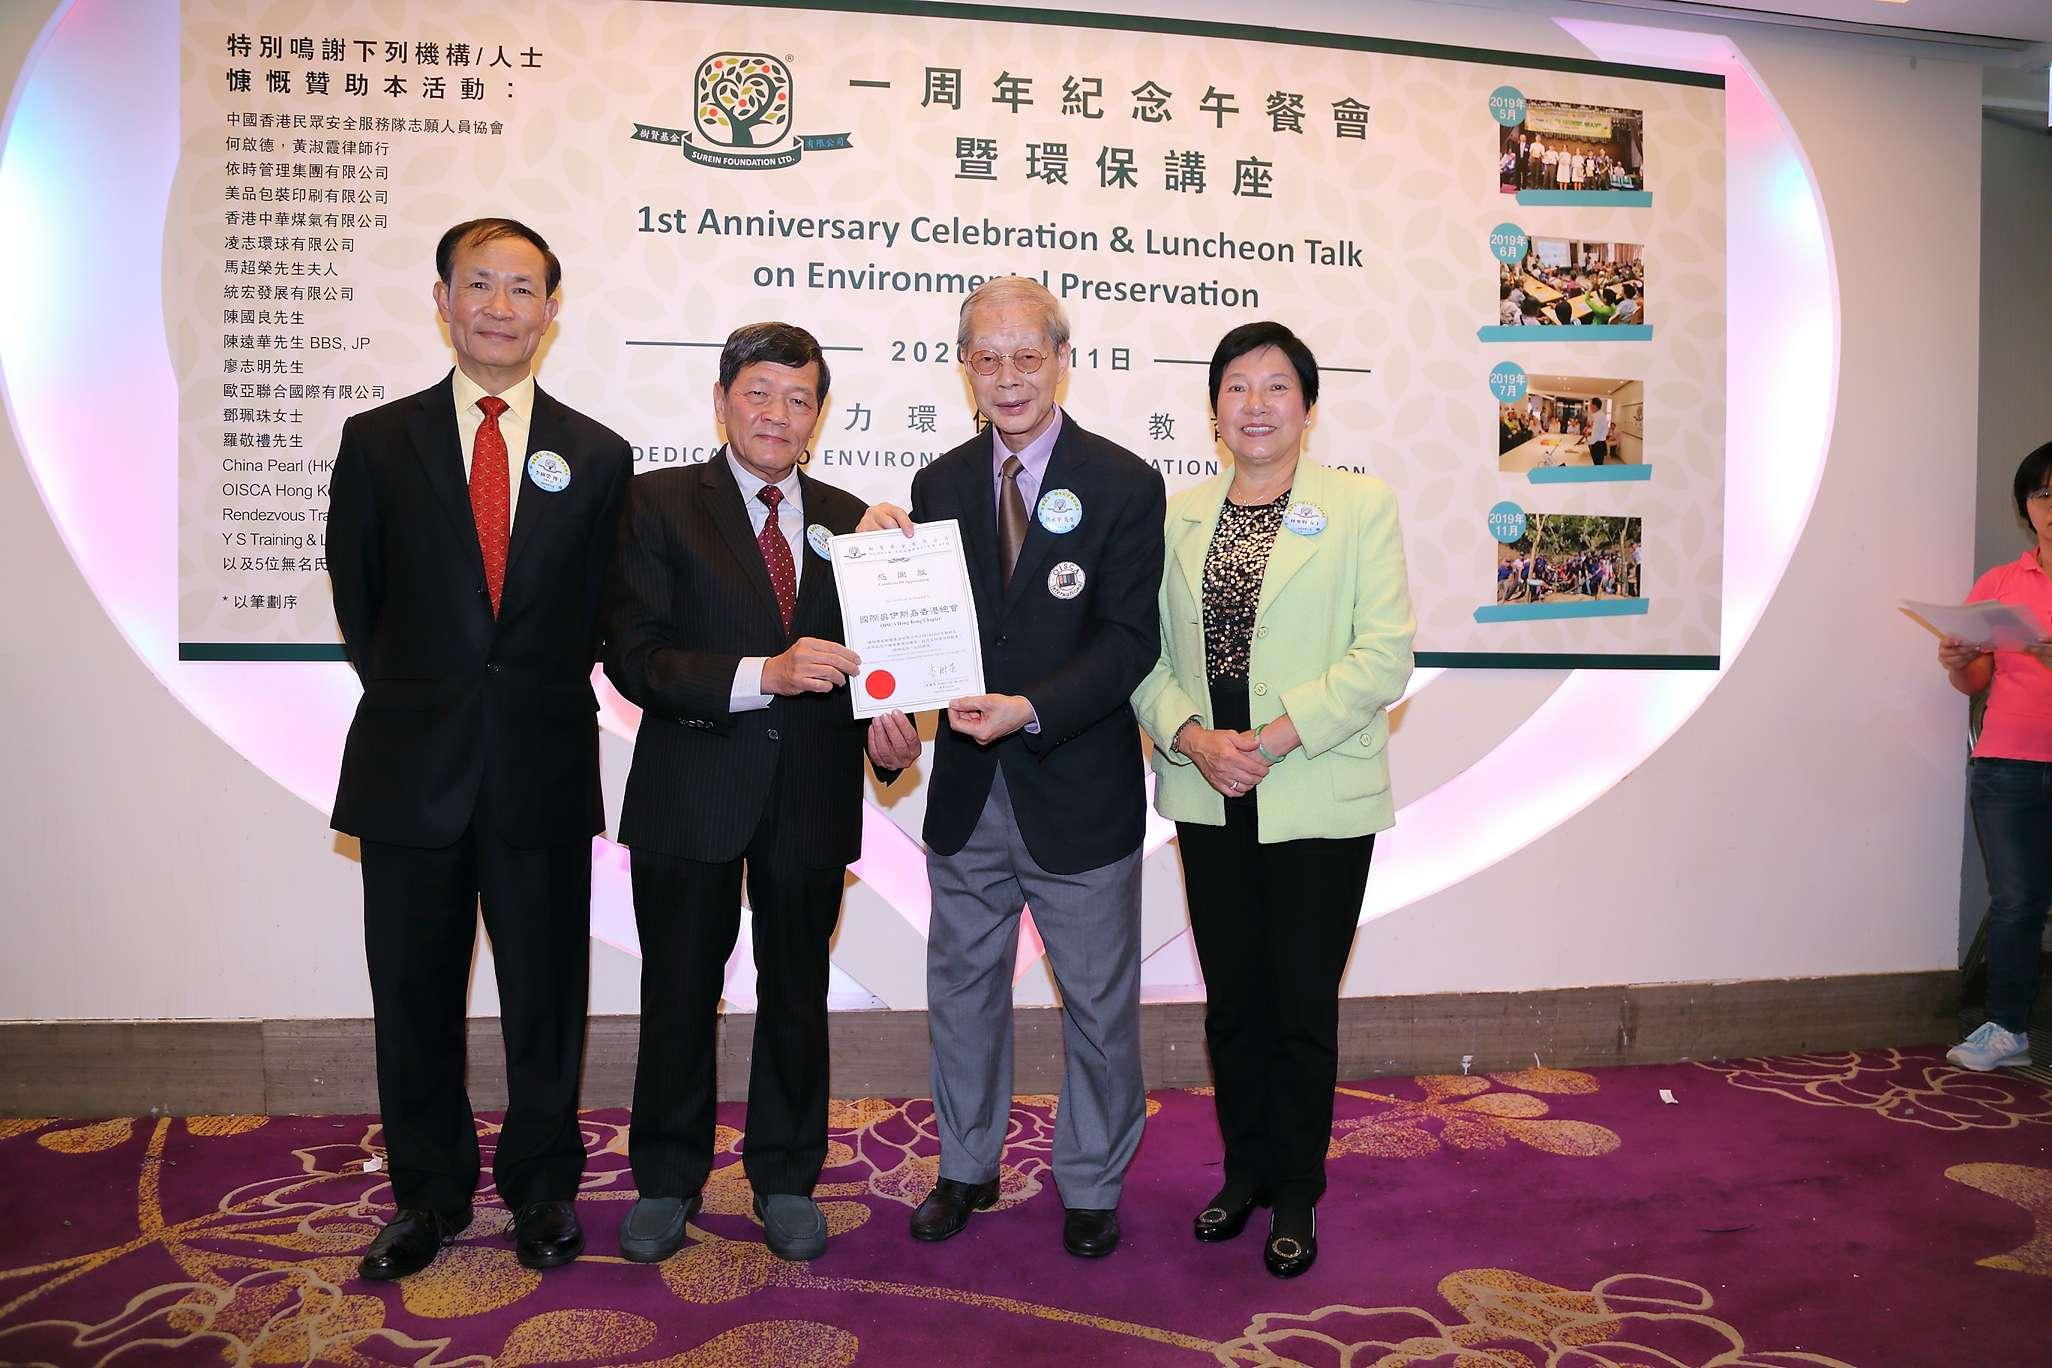 活動贊助 16_國際奧伊斯嘉香港總會